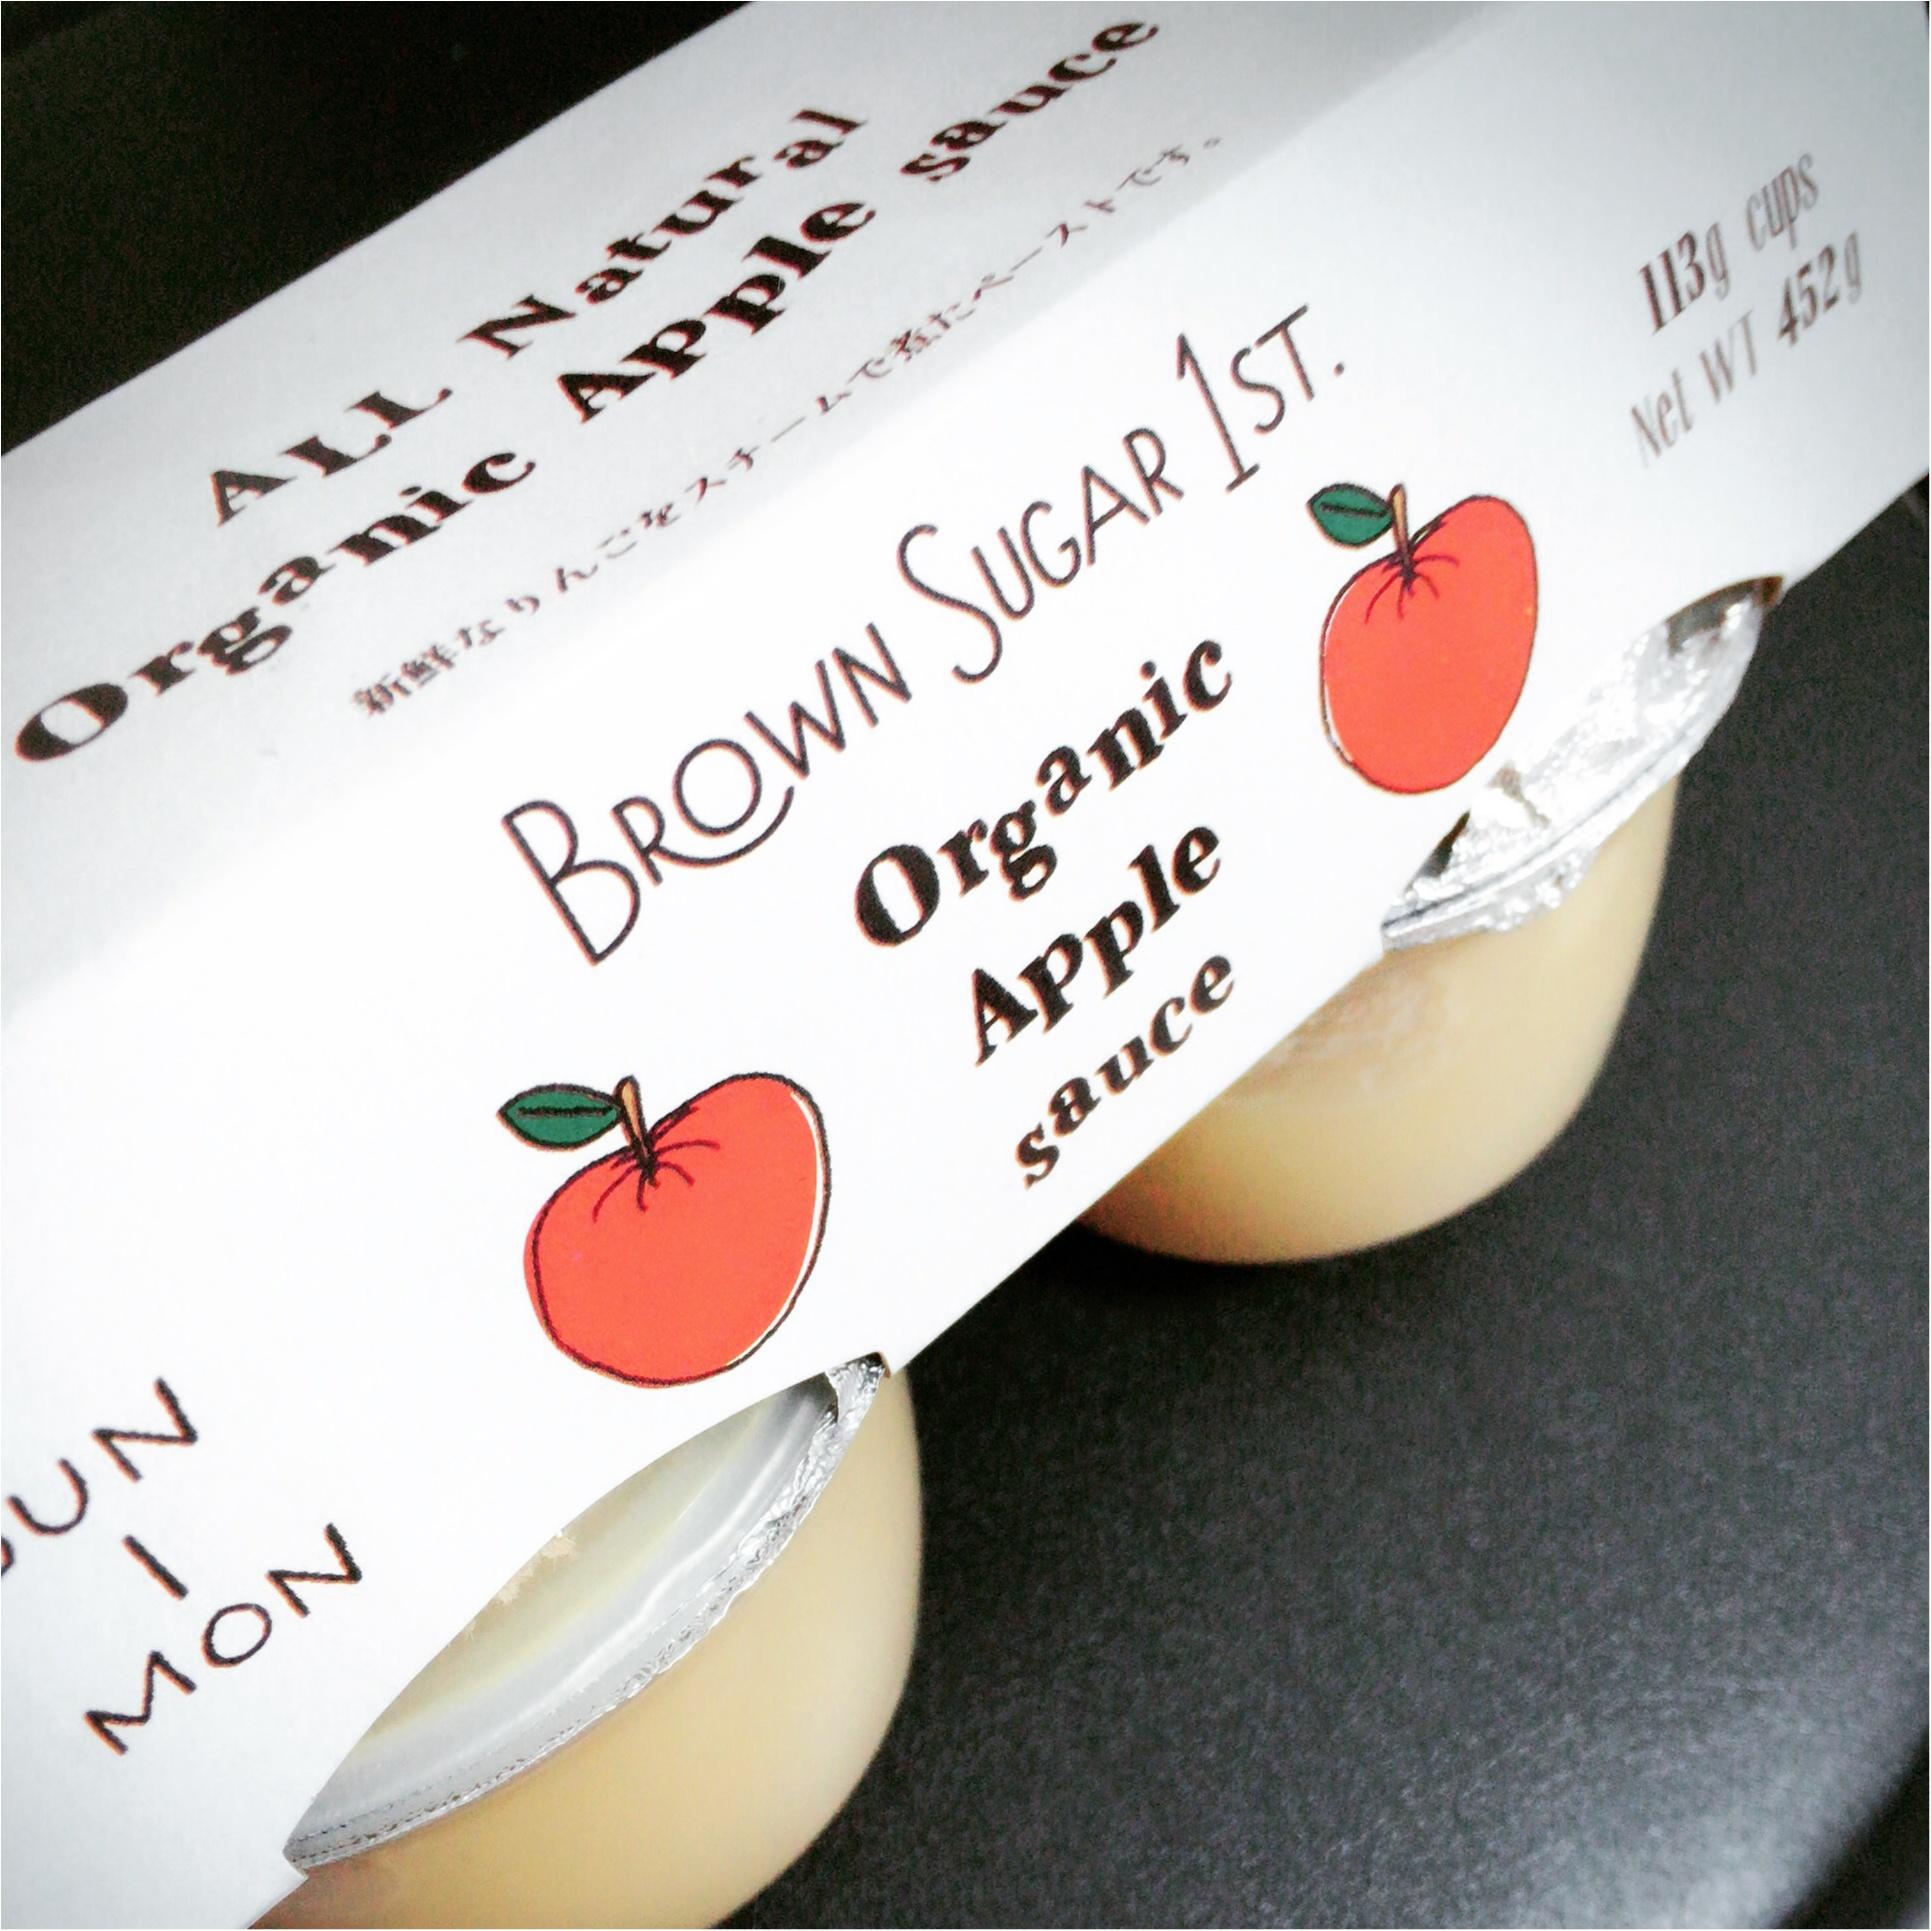 お手軽&万能すぎる!!BROWN SUGER 1STのオーガニックアップルソース♡_1